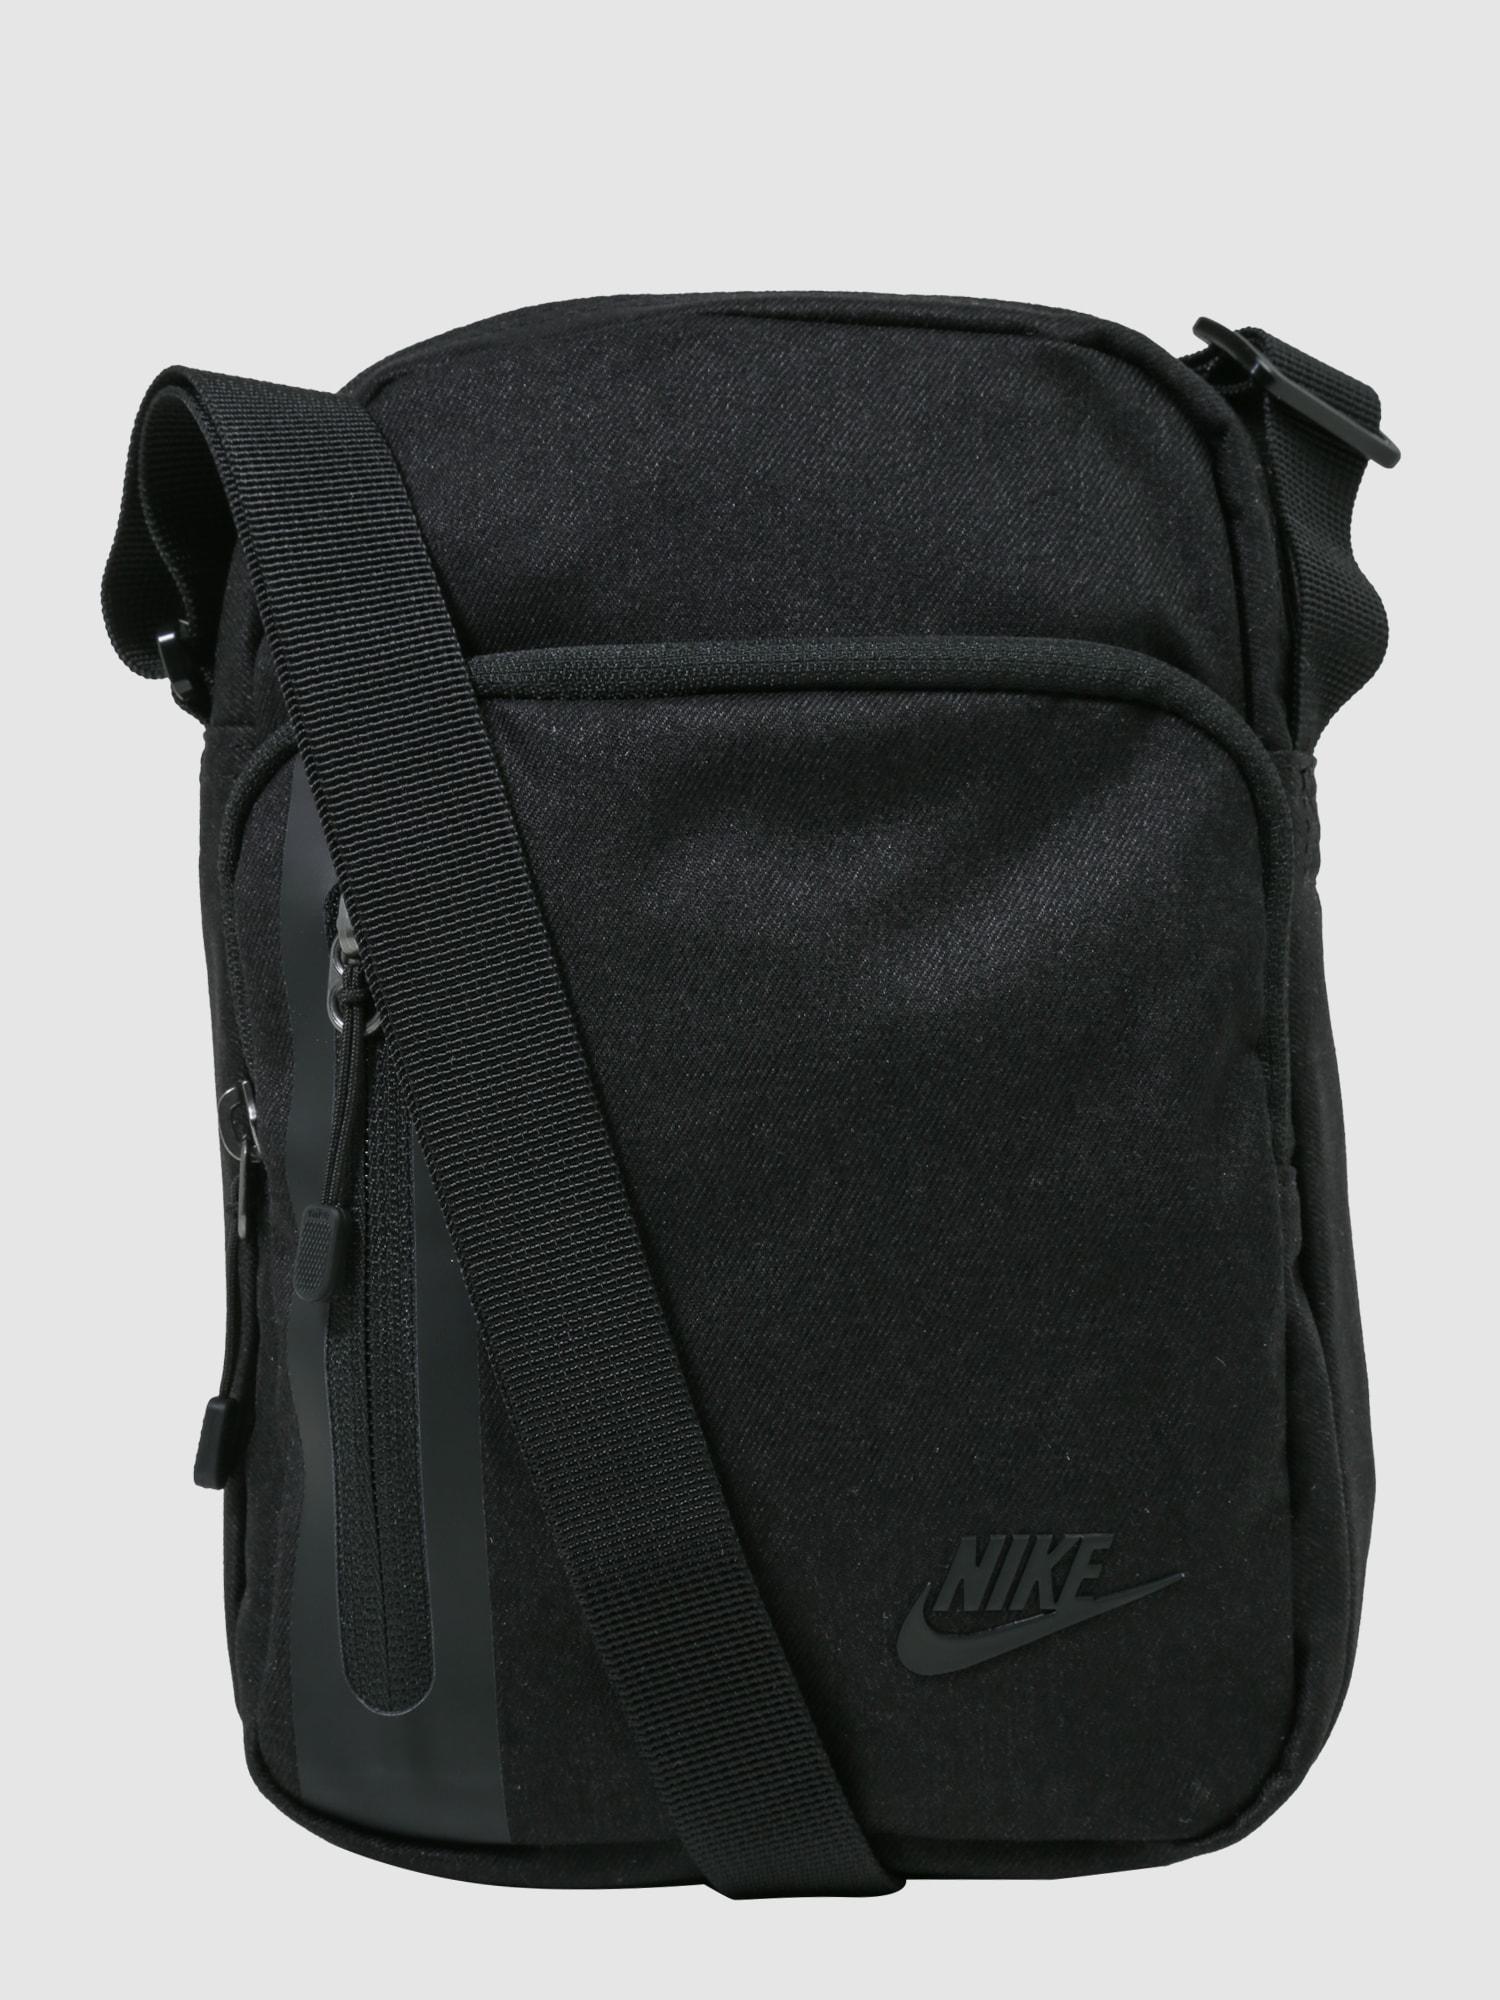 Nike Schoudertas : Nike sportswear schoudertas core small items in